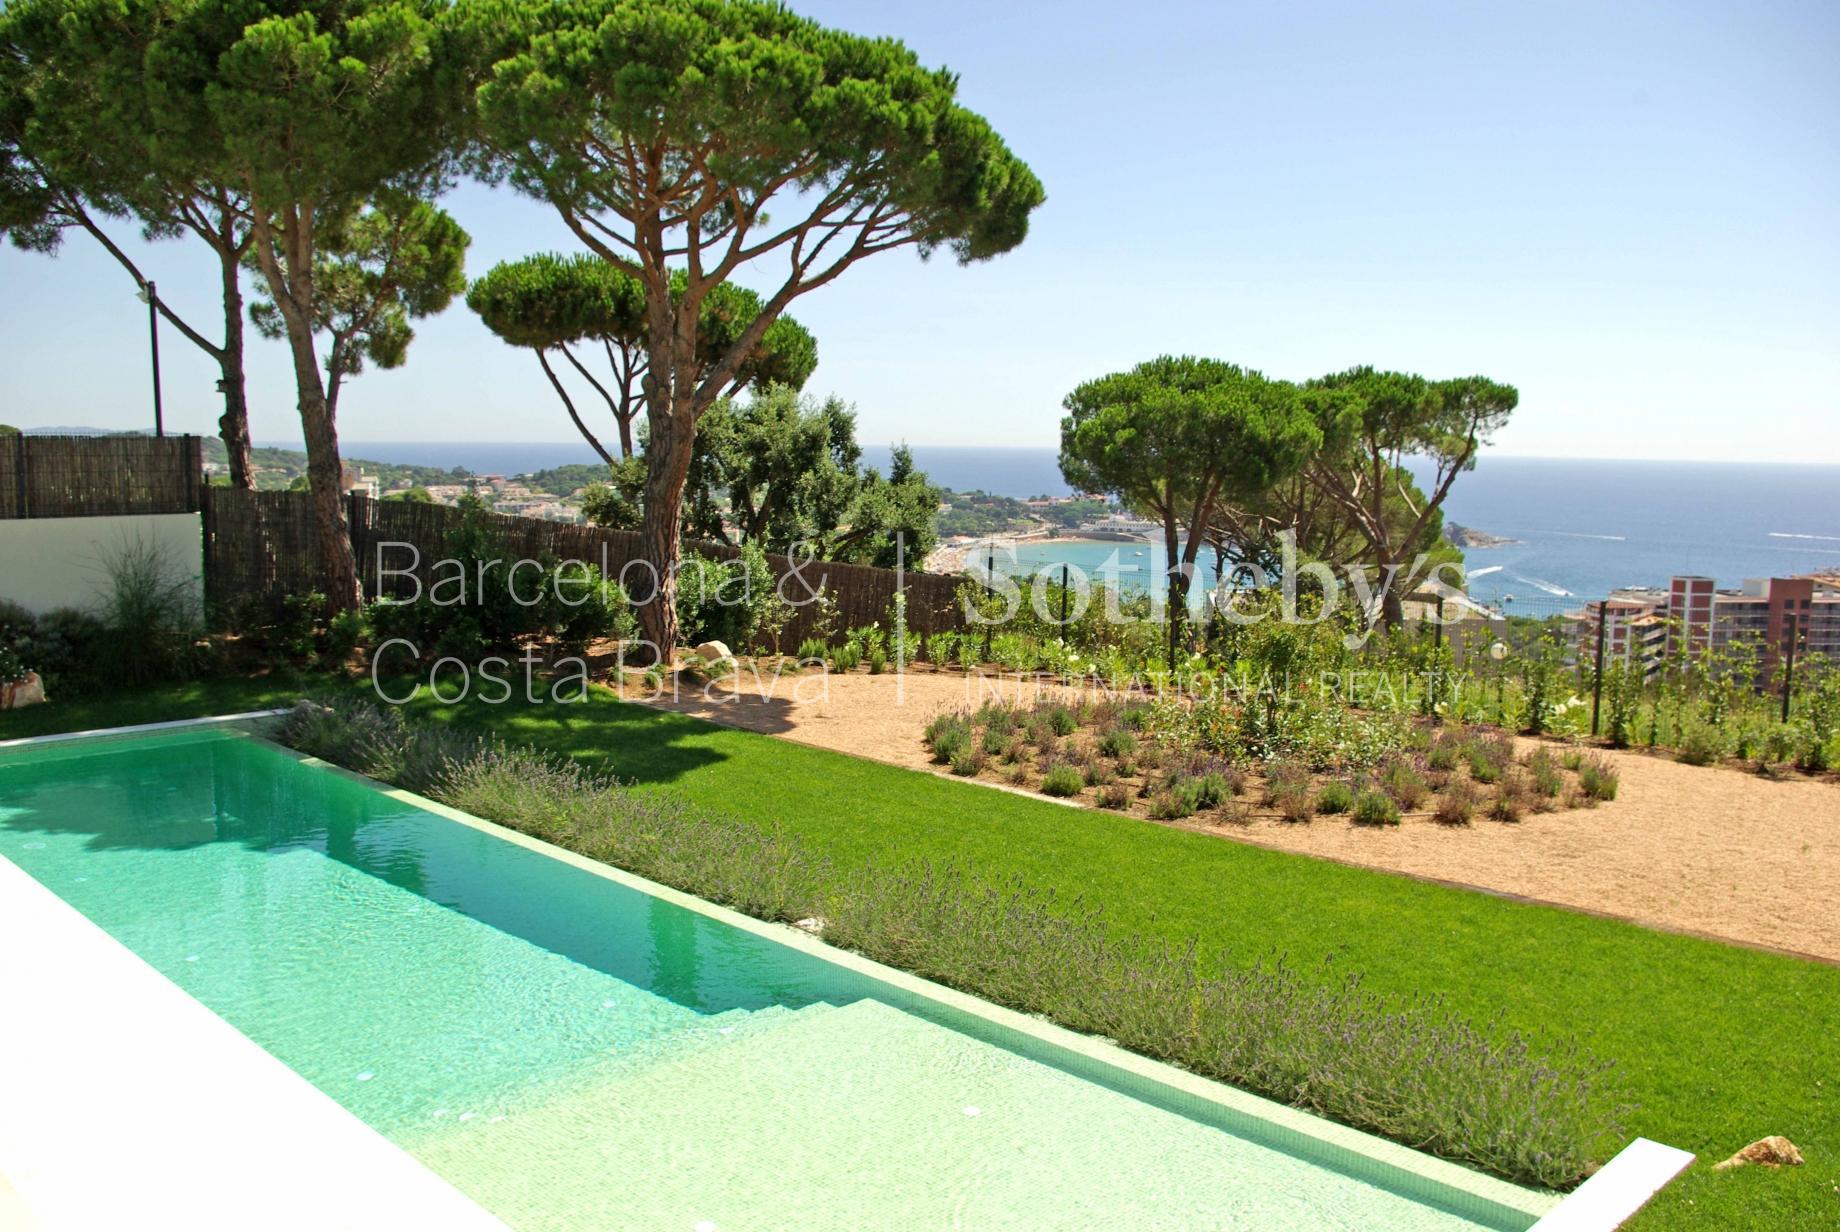 """Single Family Home for Sale at Designer villa with breathtaking views over the sea and """"La Gavina"""" estate i ... S'Agaro, Costa Brava 17248 Spain"""